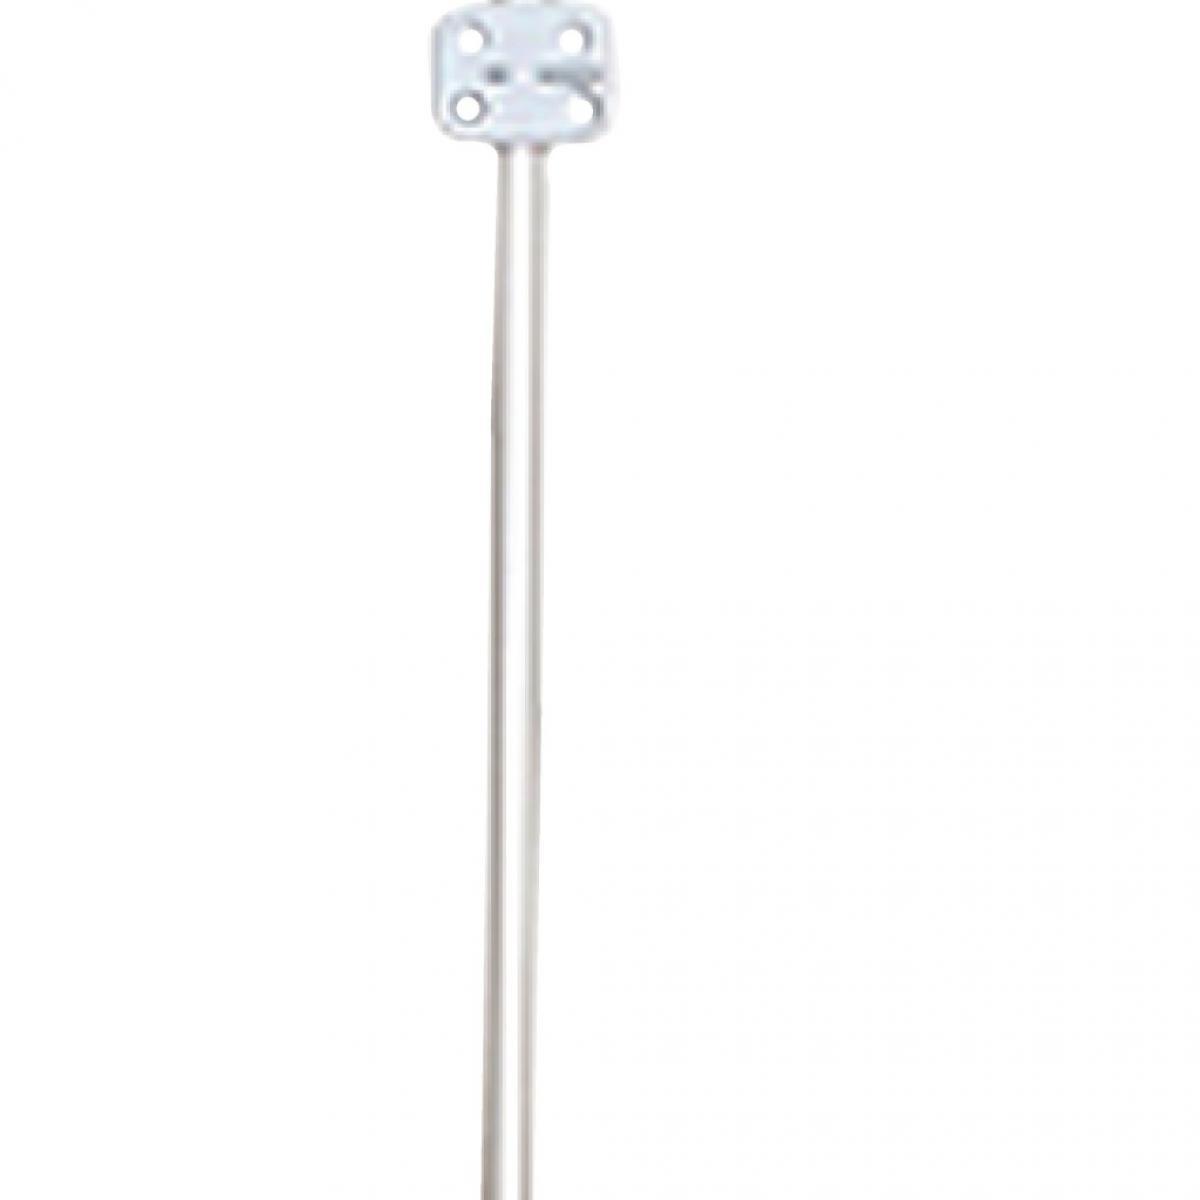 Gebo Mat pour antenne parabolique 800 mm